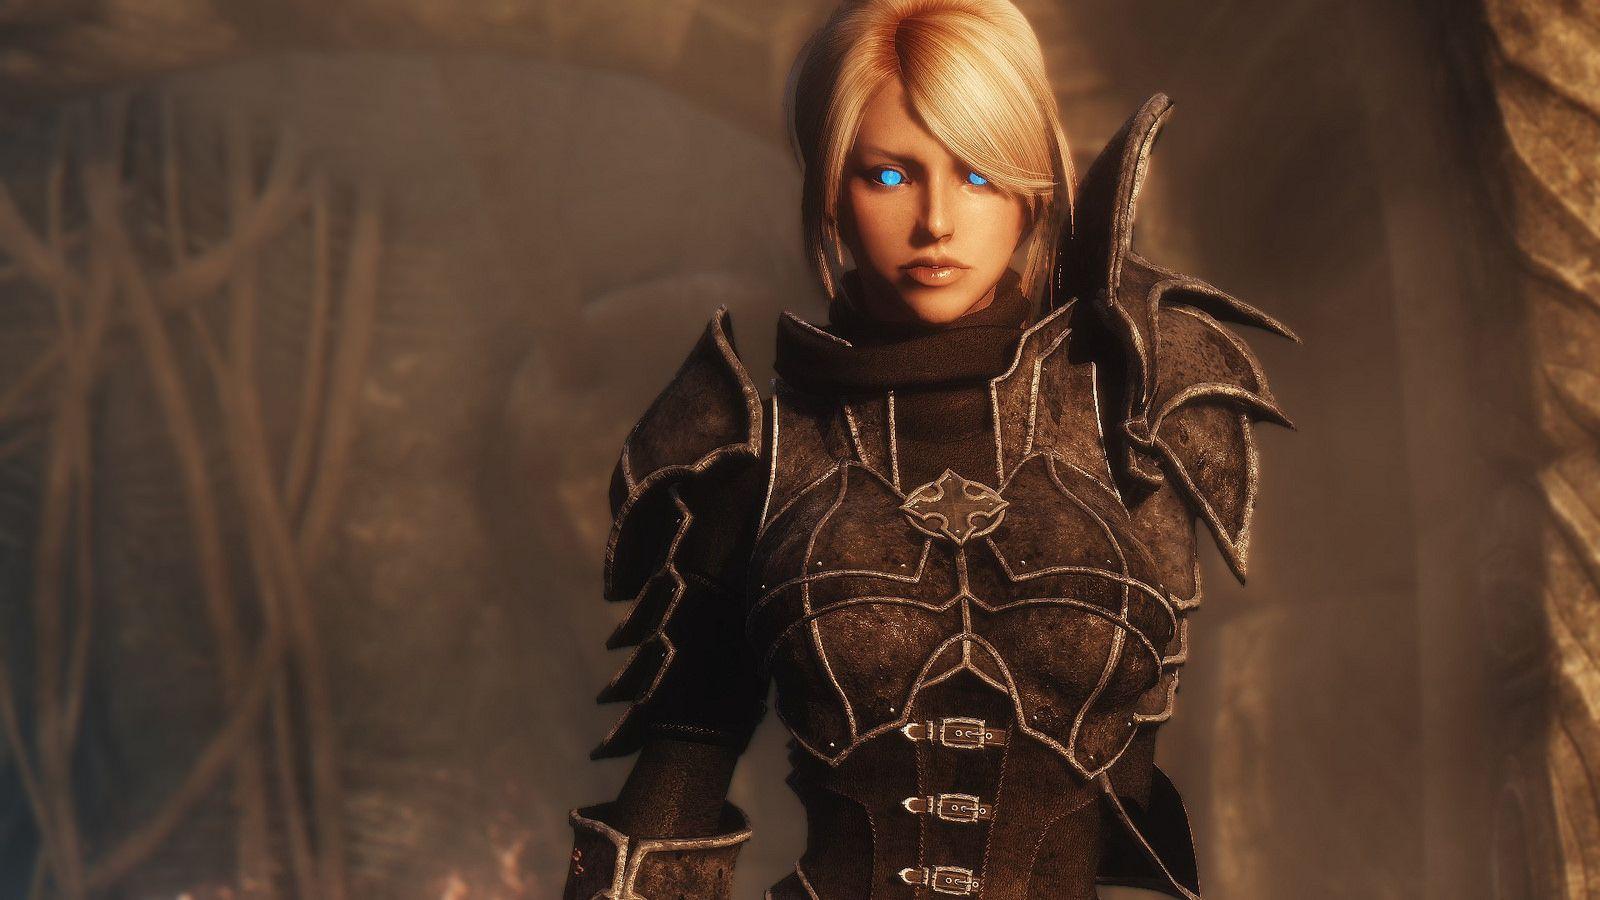 Dark Skyrim Female Armor Mods Skyrim Armor Mods Skyrim Armor